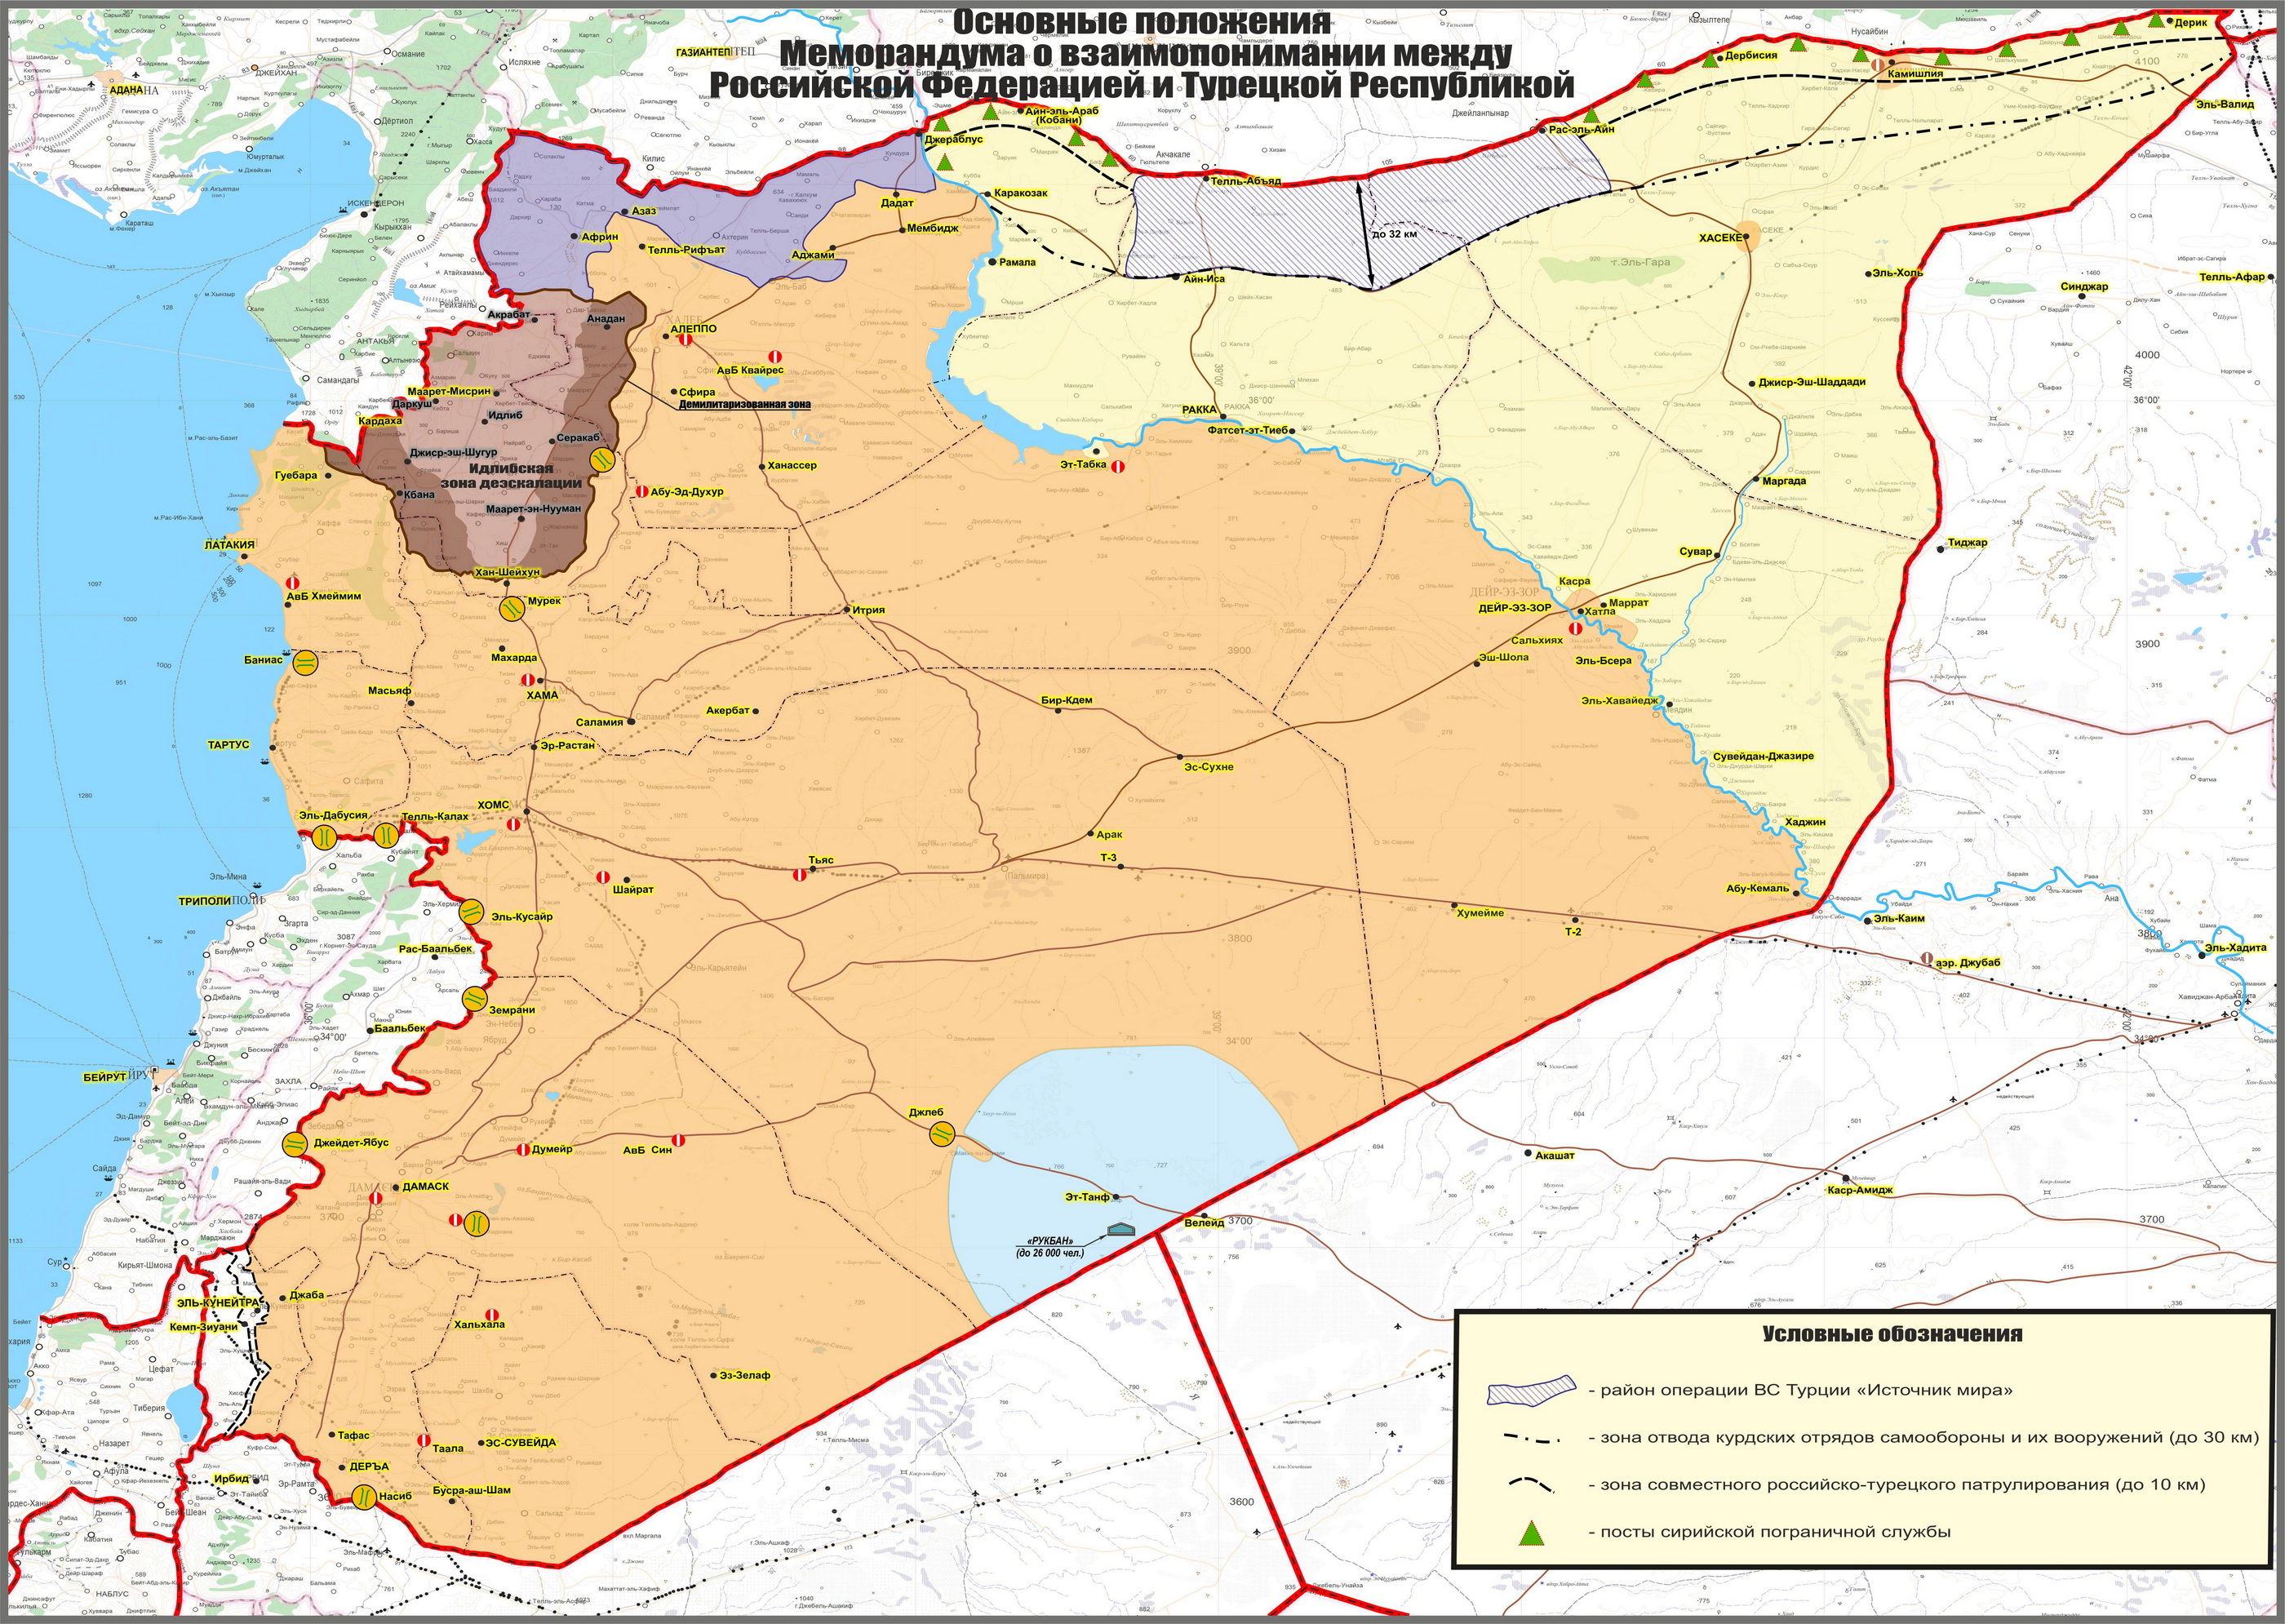 Minoborony Pokazalo Kartu Vypolneniya Soglashenij S Turciej Po Sirii